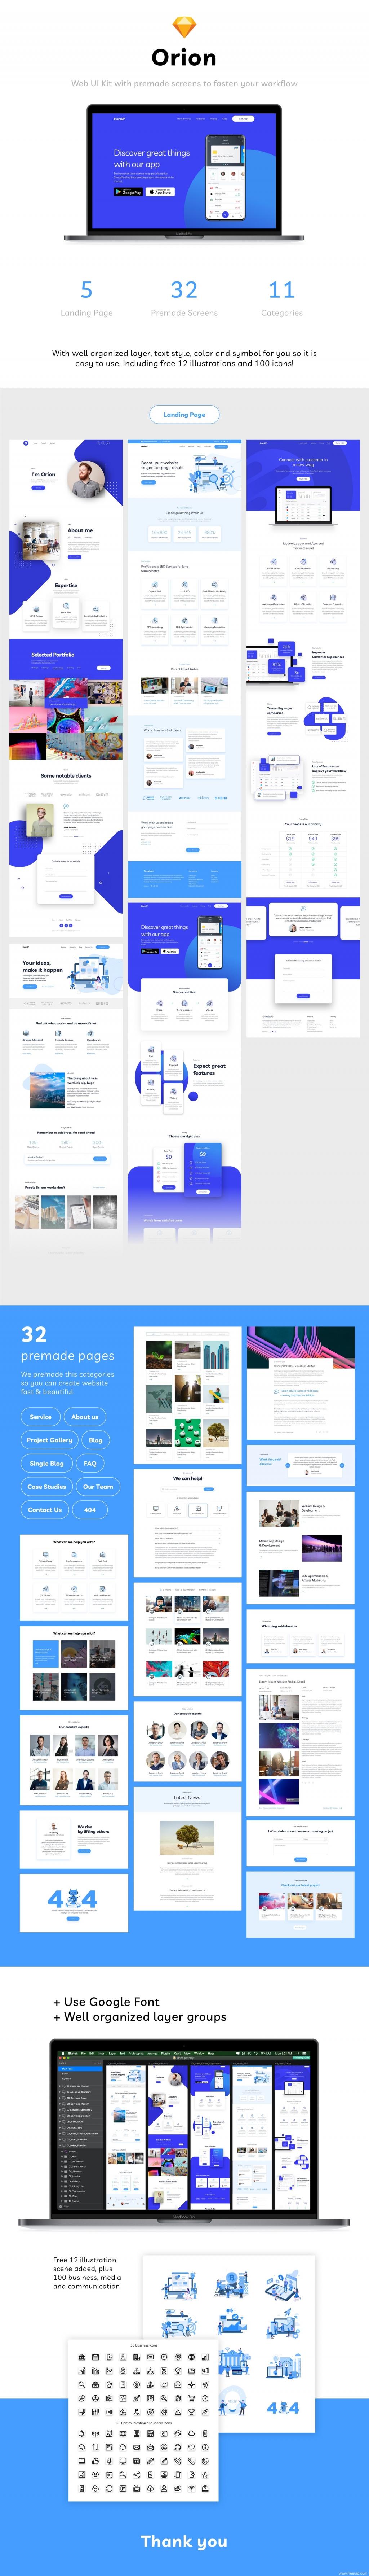 高端网页设计模板,商务网站,着陆页模板sketch源文件